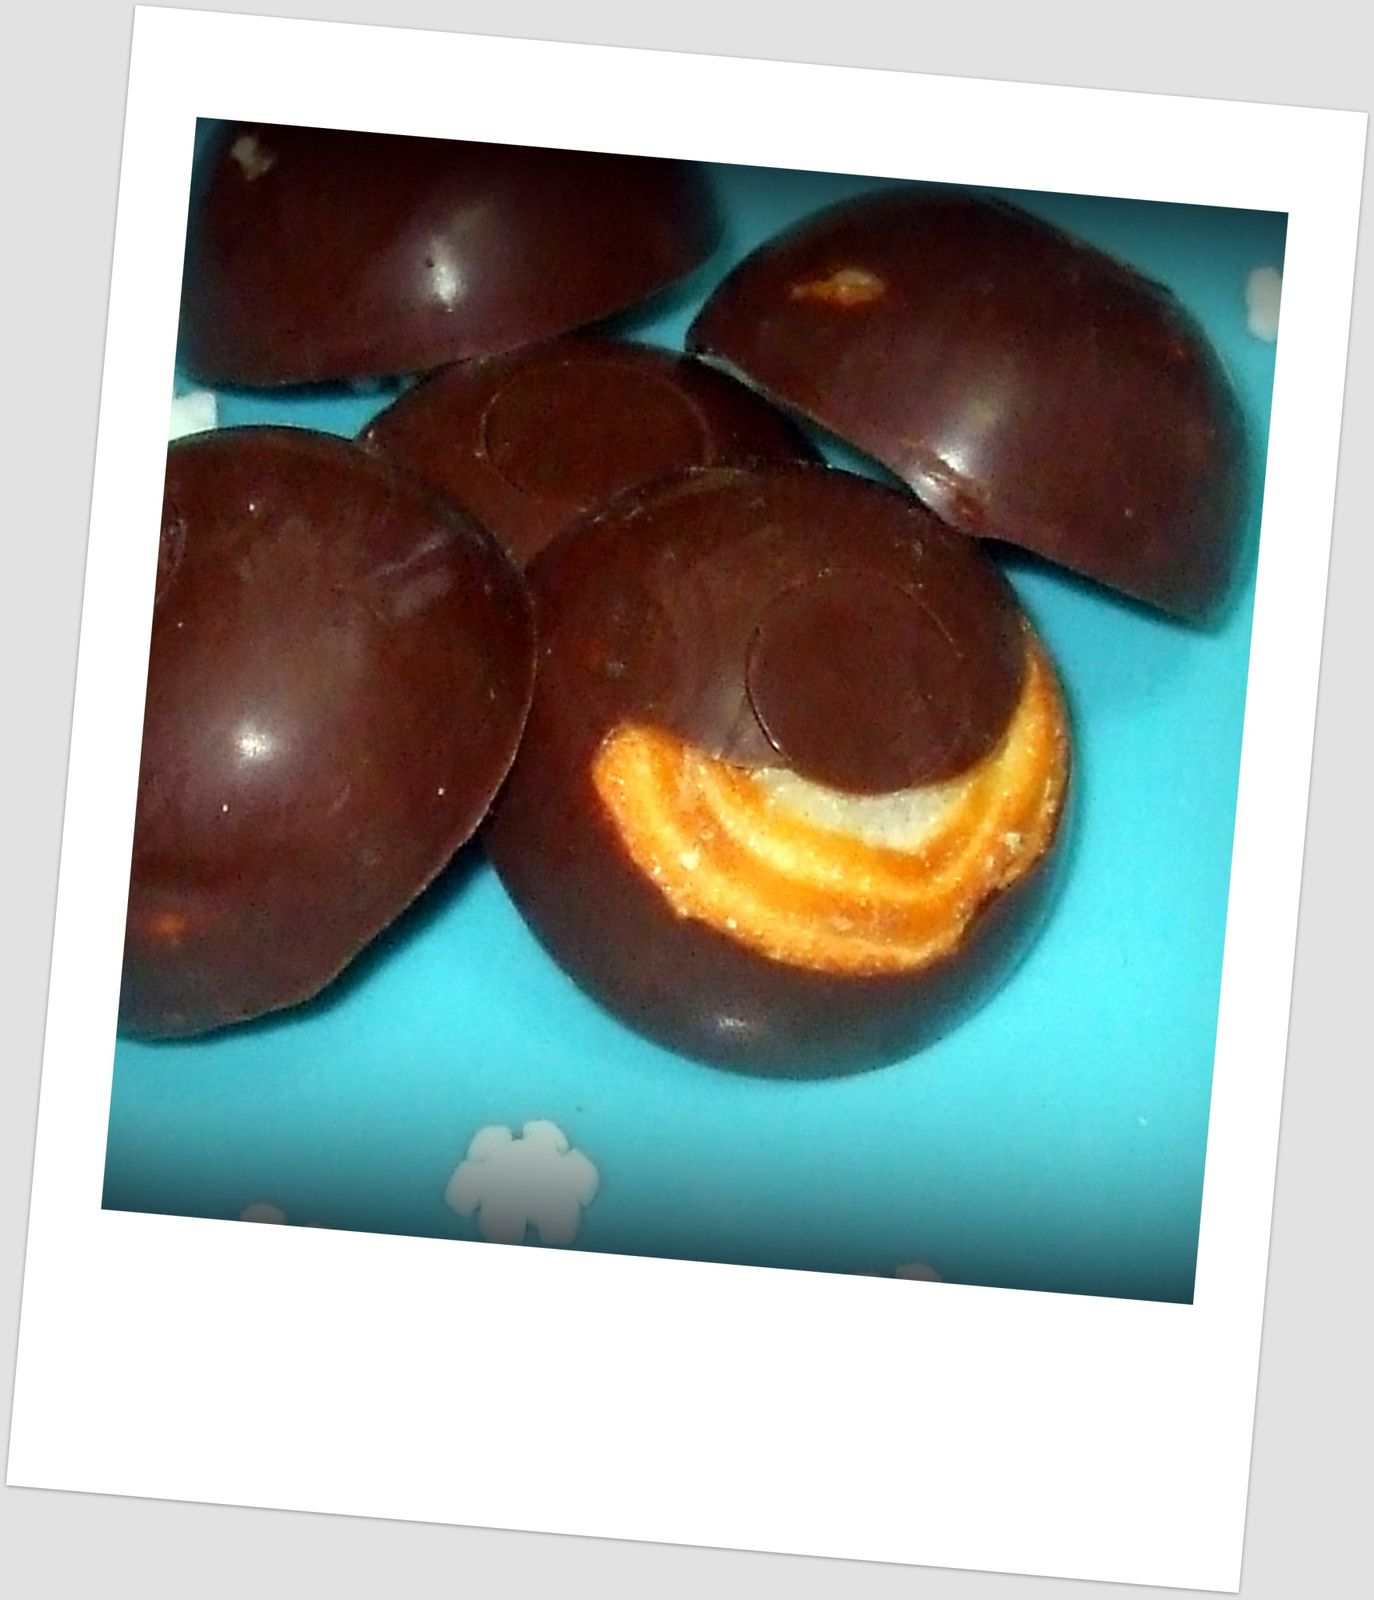 Mis ultimas recetas dulces